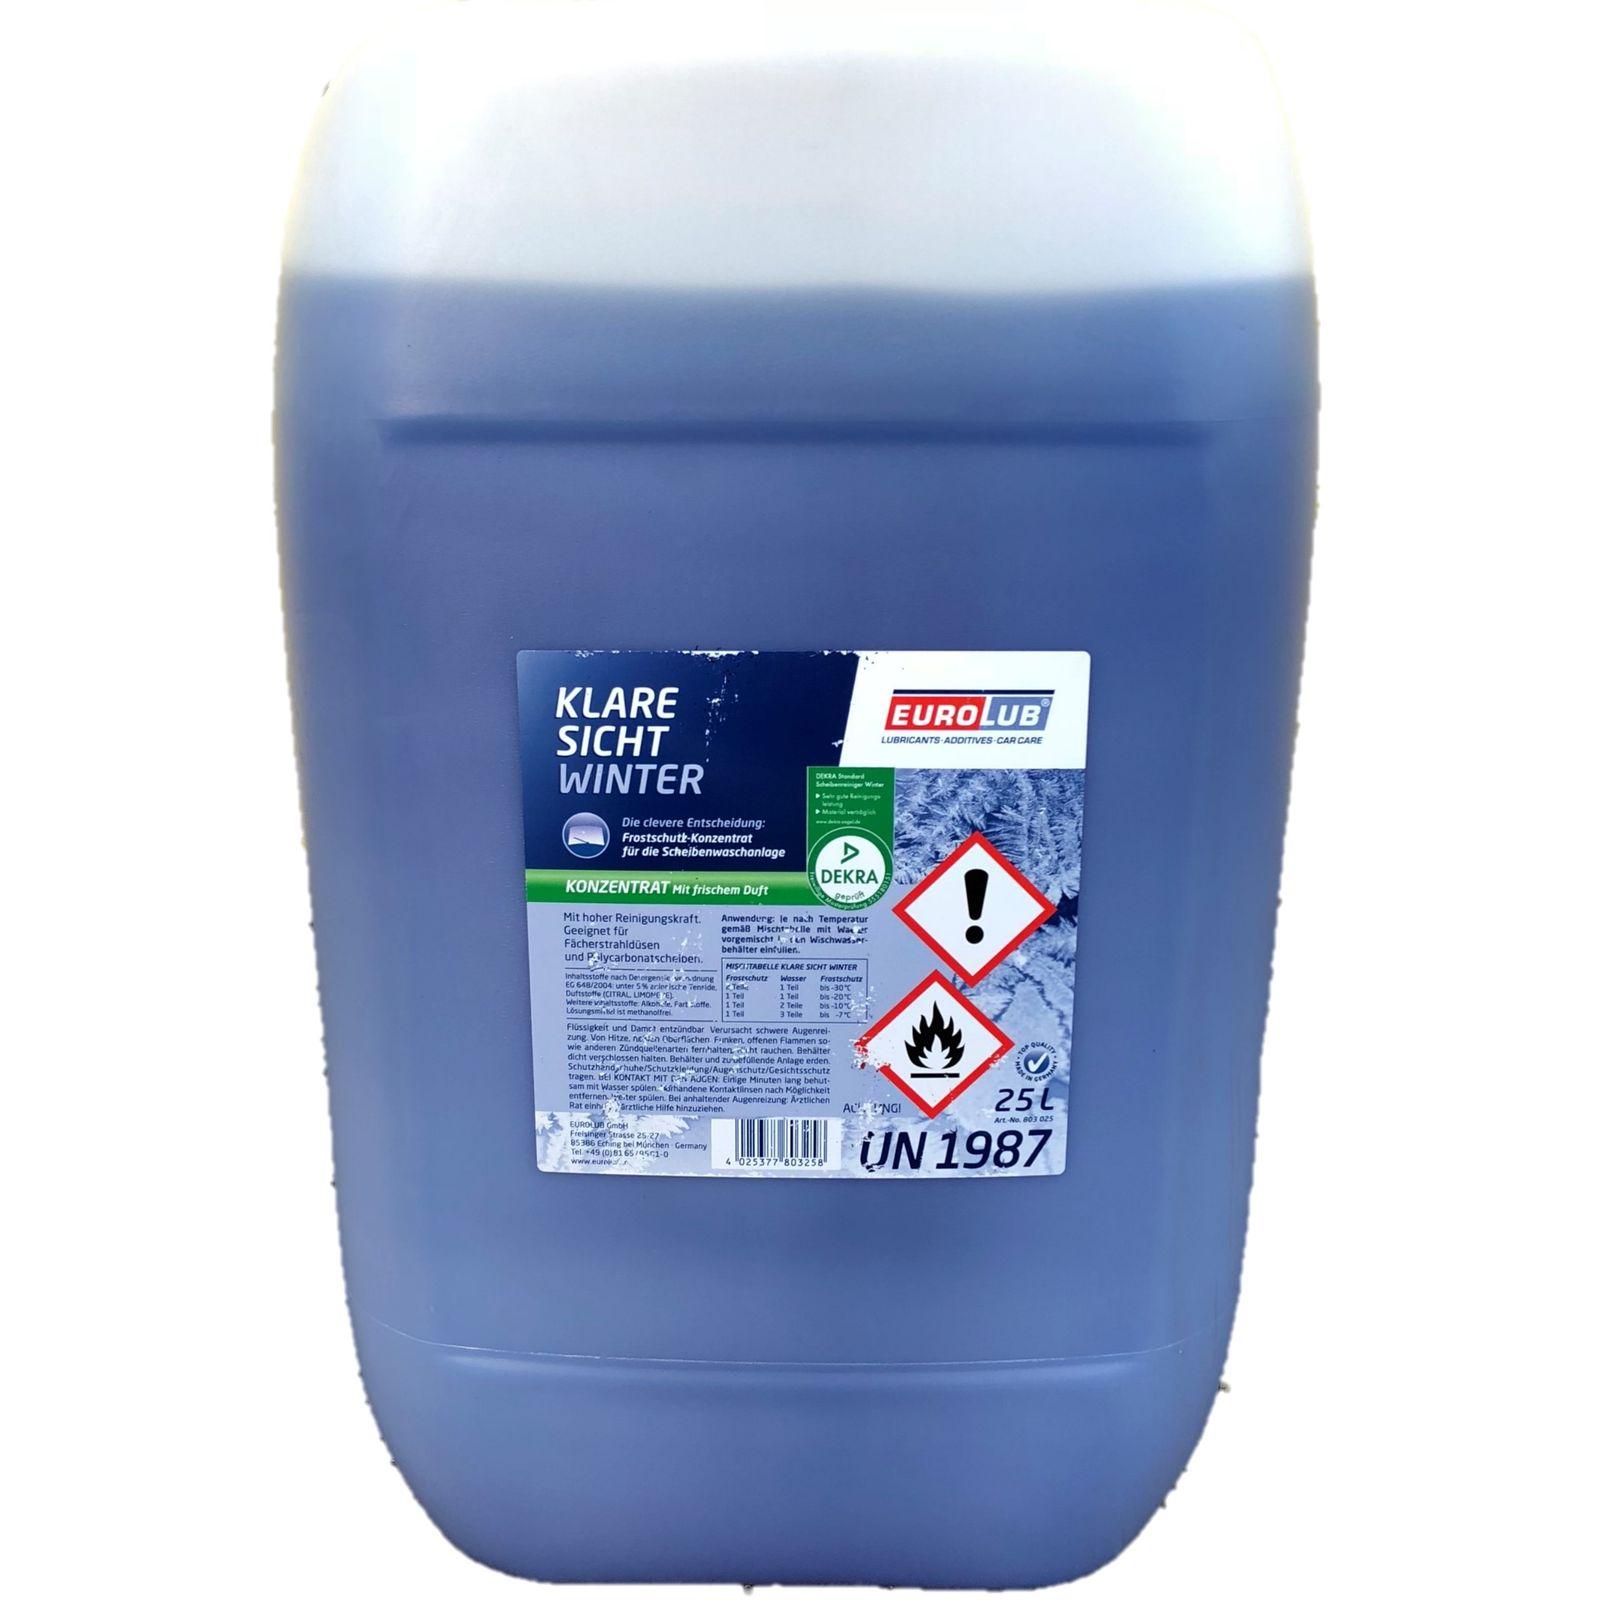 25 Liter Kanister EUROLUB Klare Sicht Winter Konzentrat bis -60°